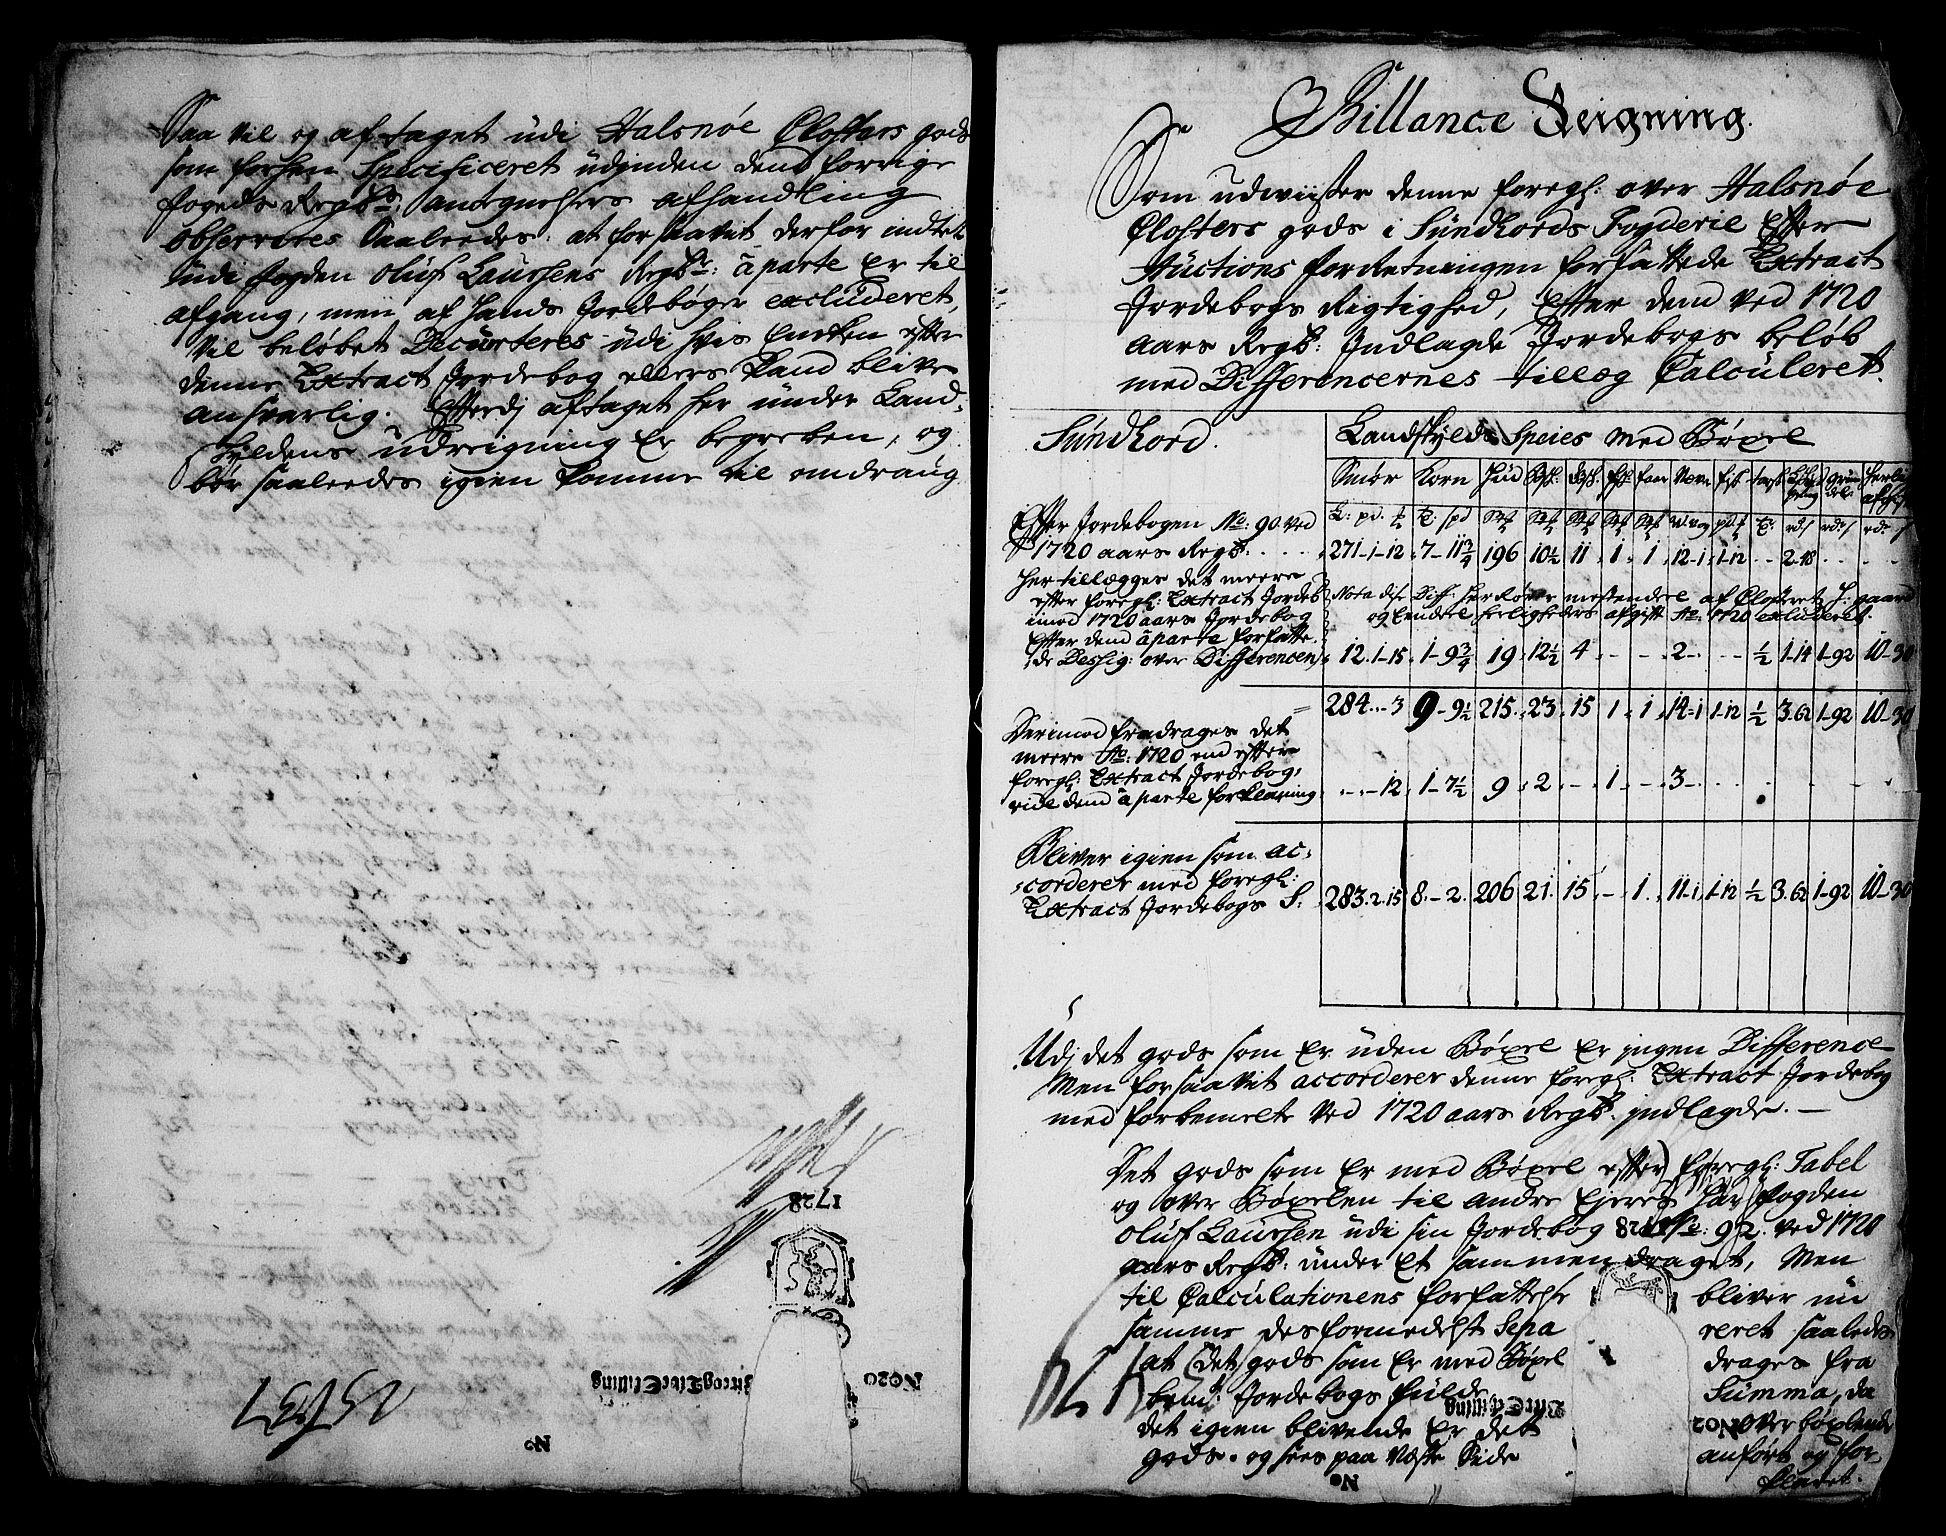 RA, Rentekammeret inntil 1814, Realistisk ordnet avdeling, On/L0003: [Jj 4]: Kommisjonsforretning over Vilhelm Hanssøns forpaktning av Halsnøy klosters gods, 1721-1729, s. 465